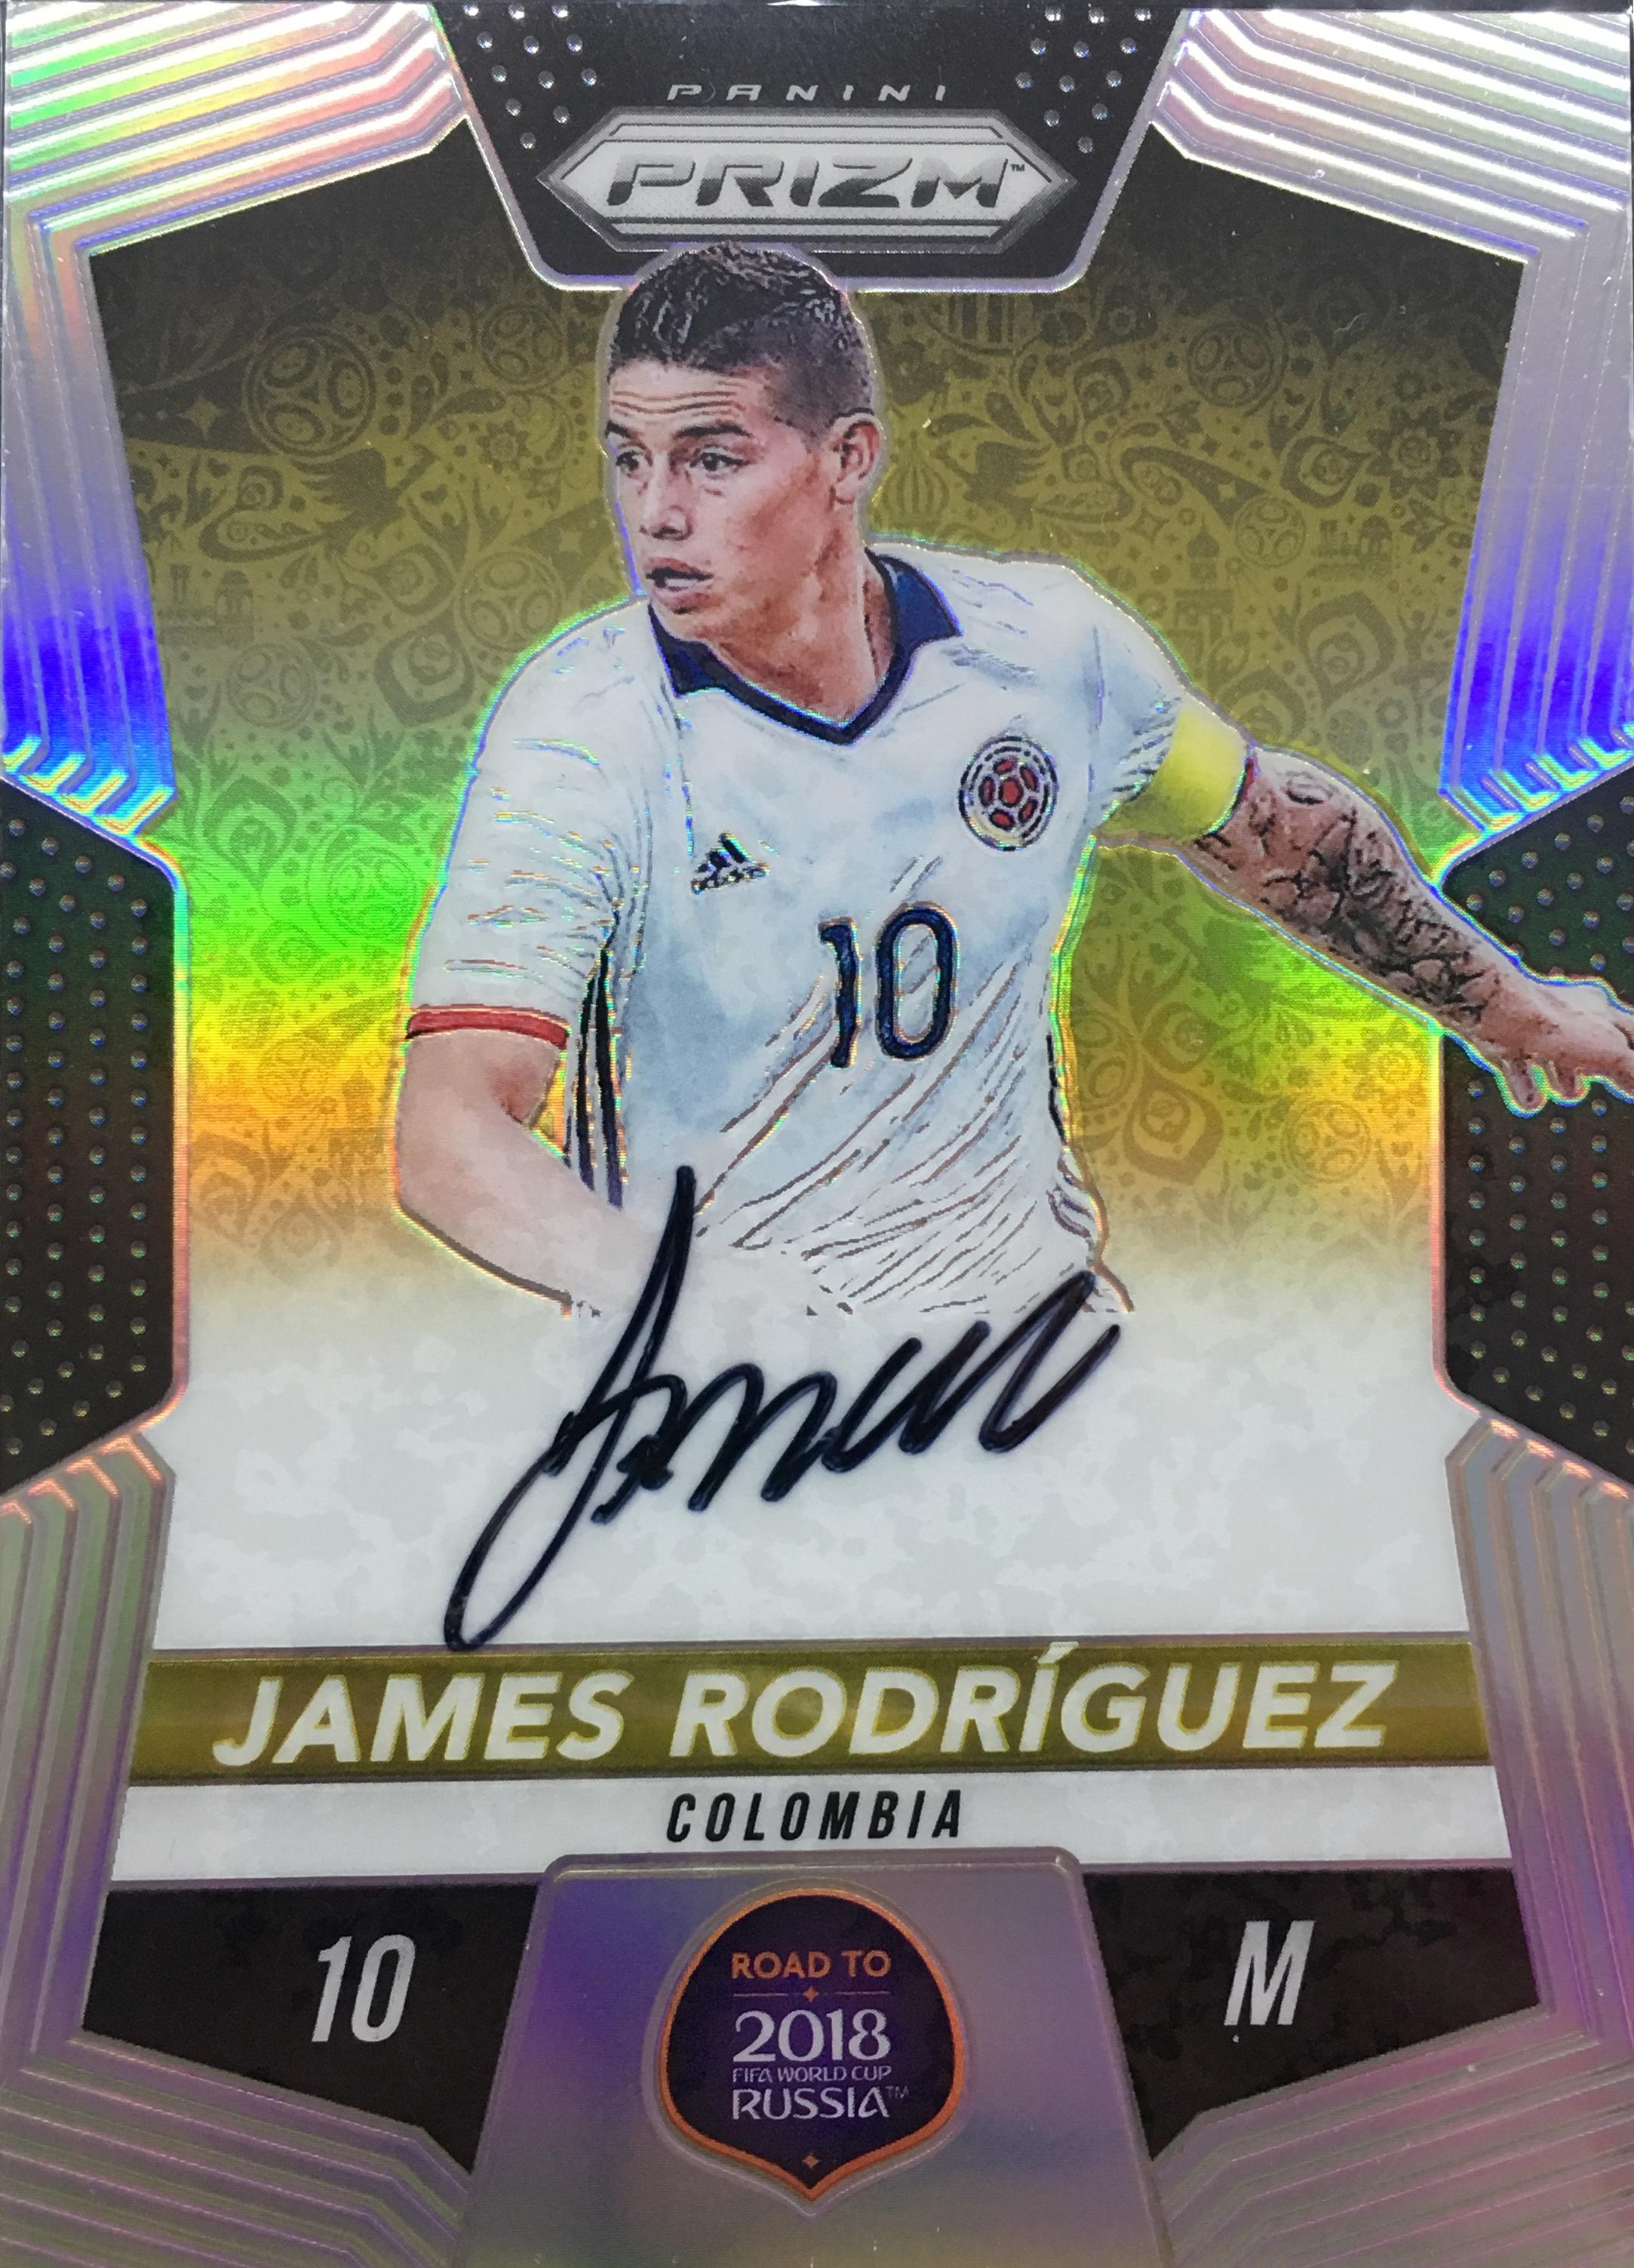 【风筝】2018Panini帕尼尼俄罗斯世界杯球星卡James RodriguezJ罗哥伦比亚40/99NO.RW-JR签字